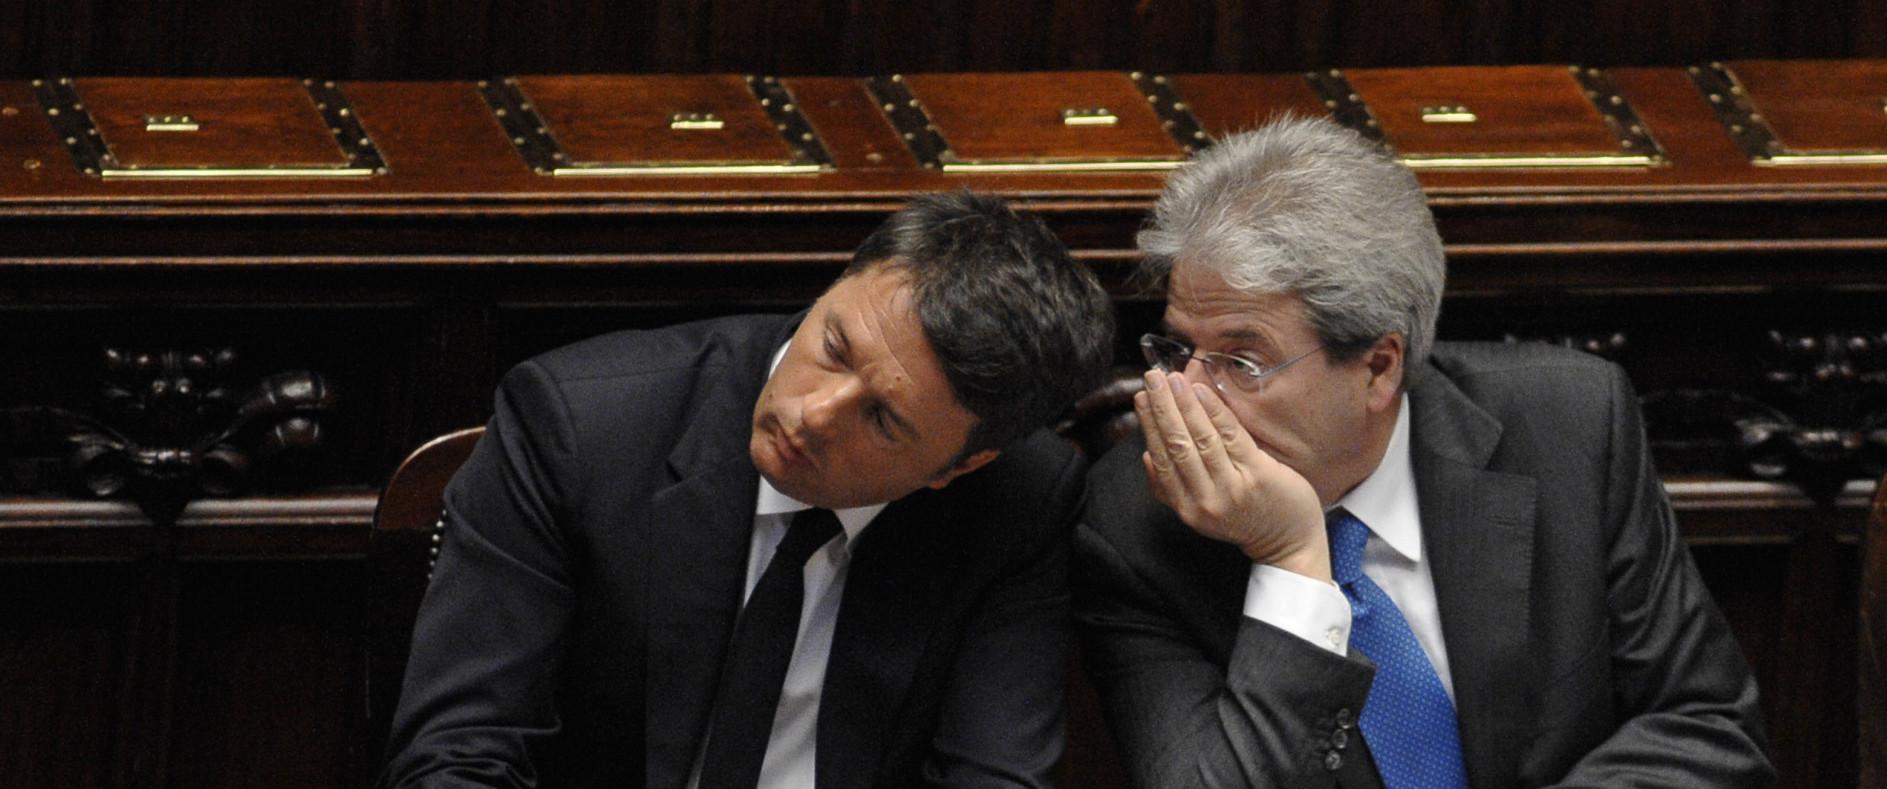 Elezioni addio. Renzi cambia passo e si accuccia all'ombra di Gentiloni